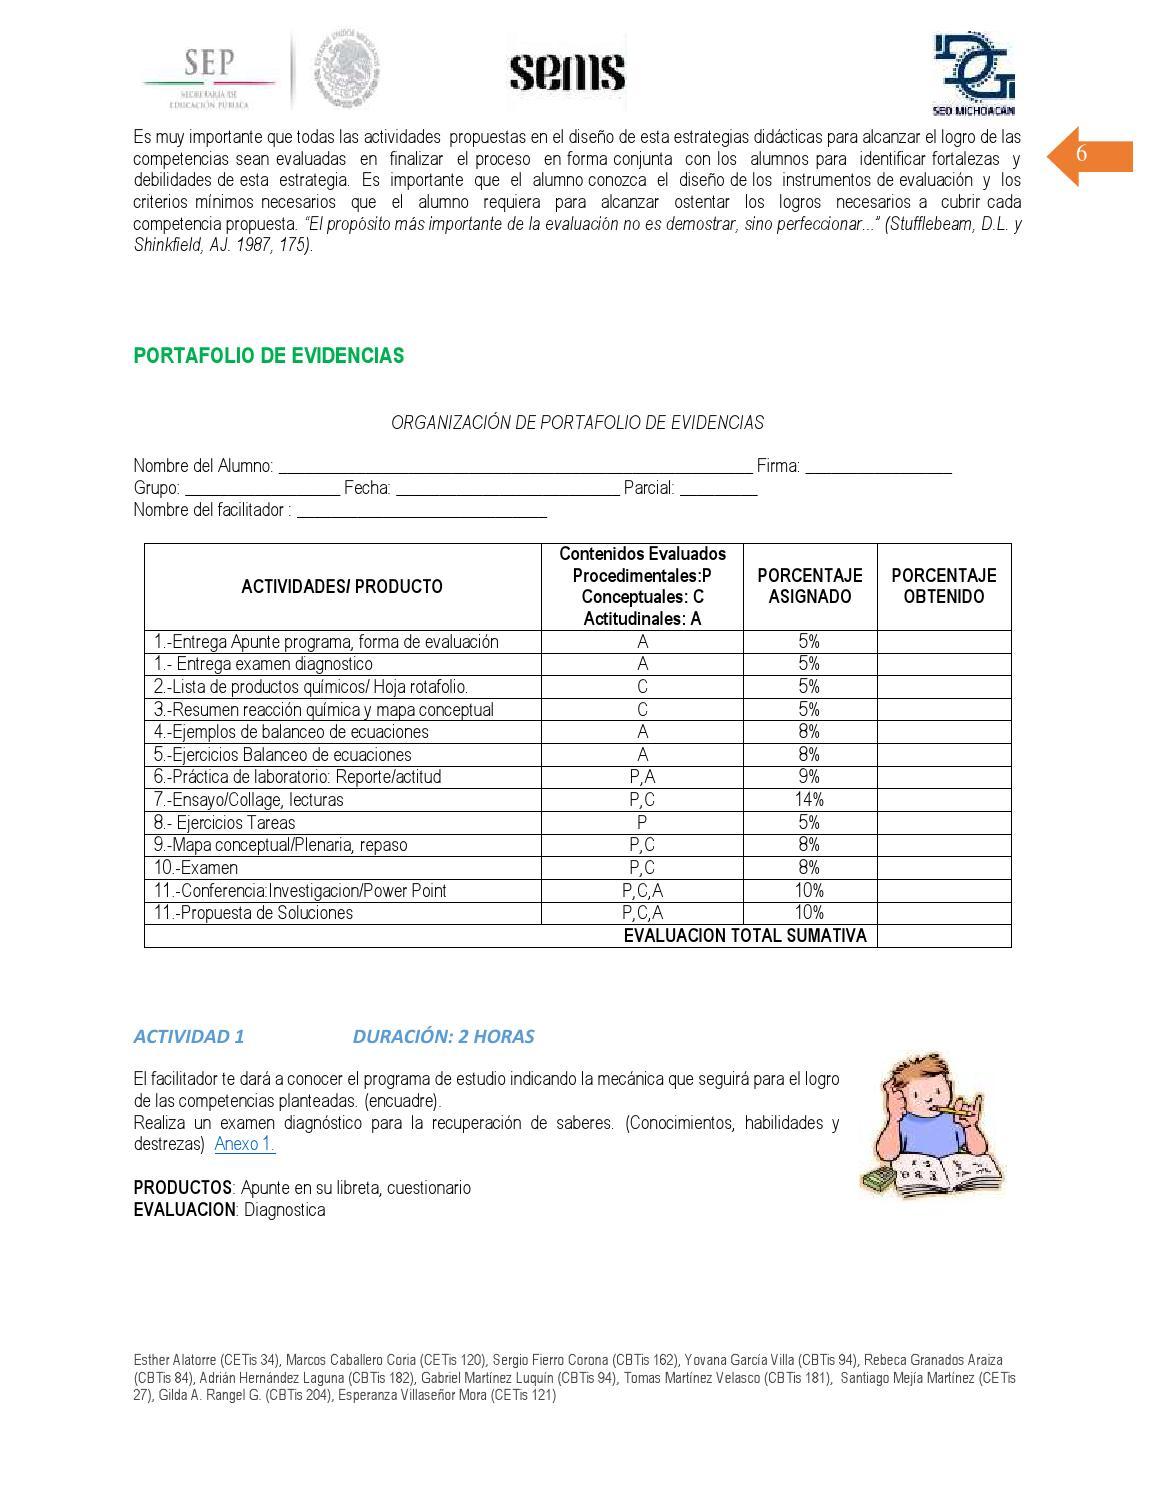 Encantador Resume La Lista De Ejemplos De Habilidades De La ...